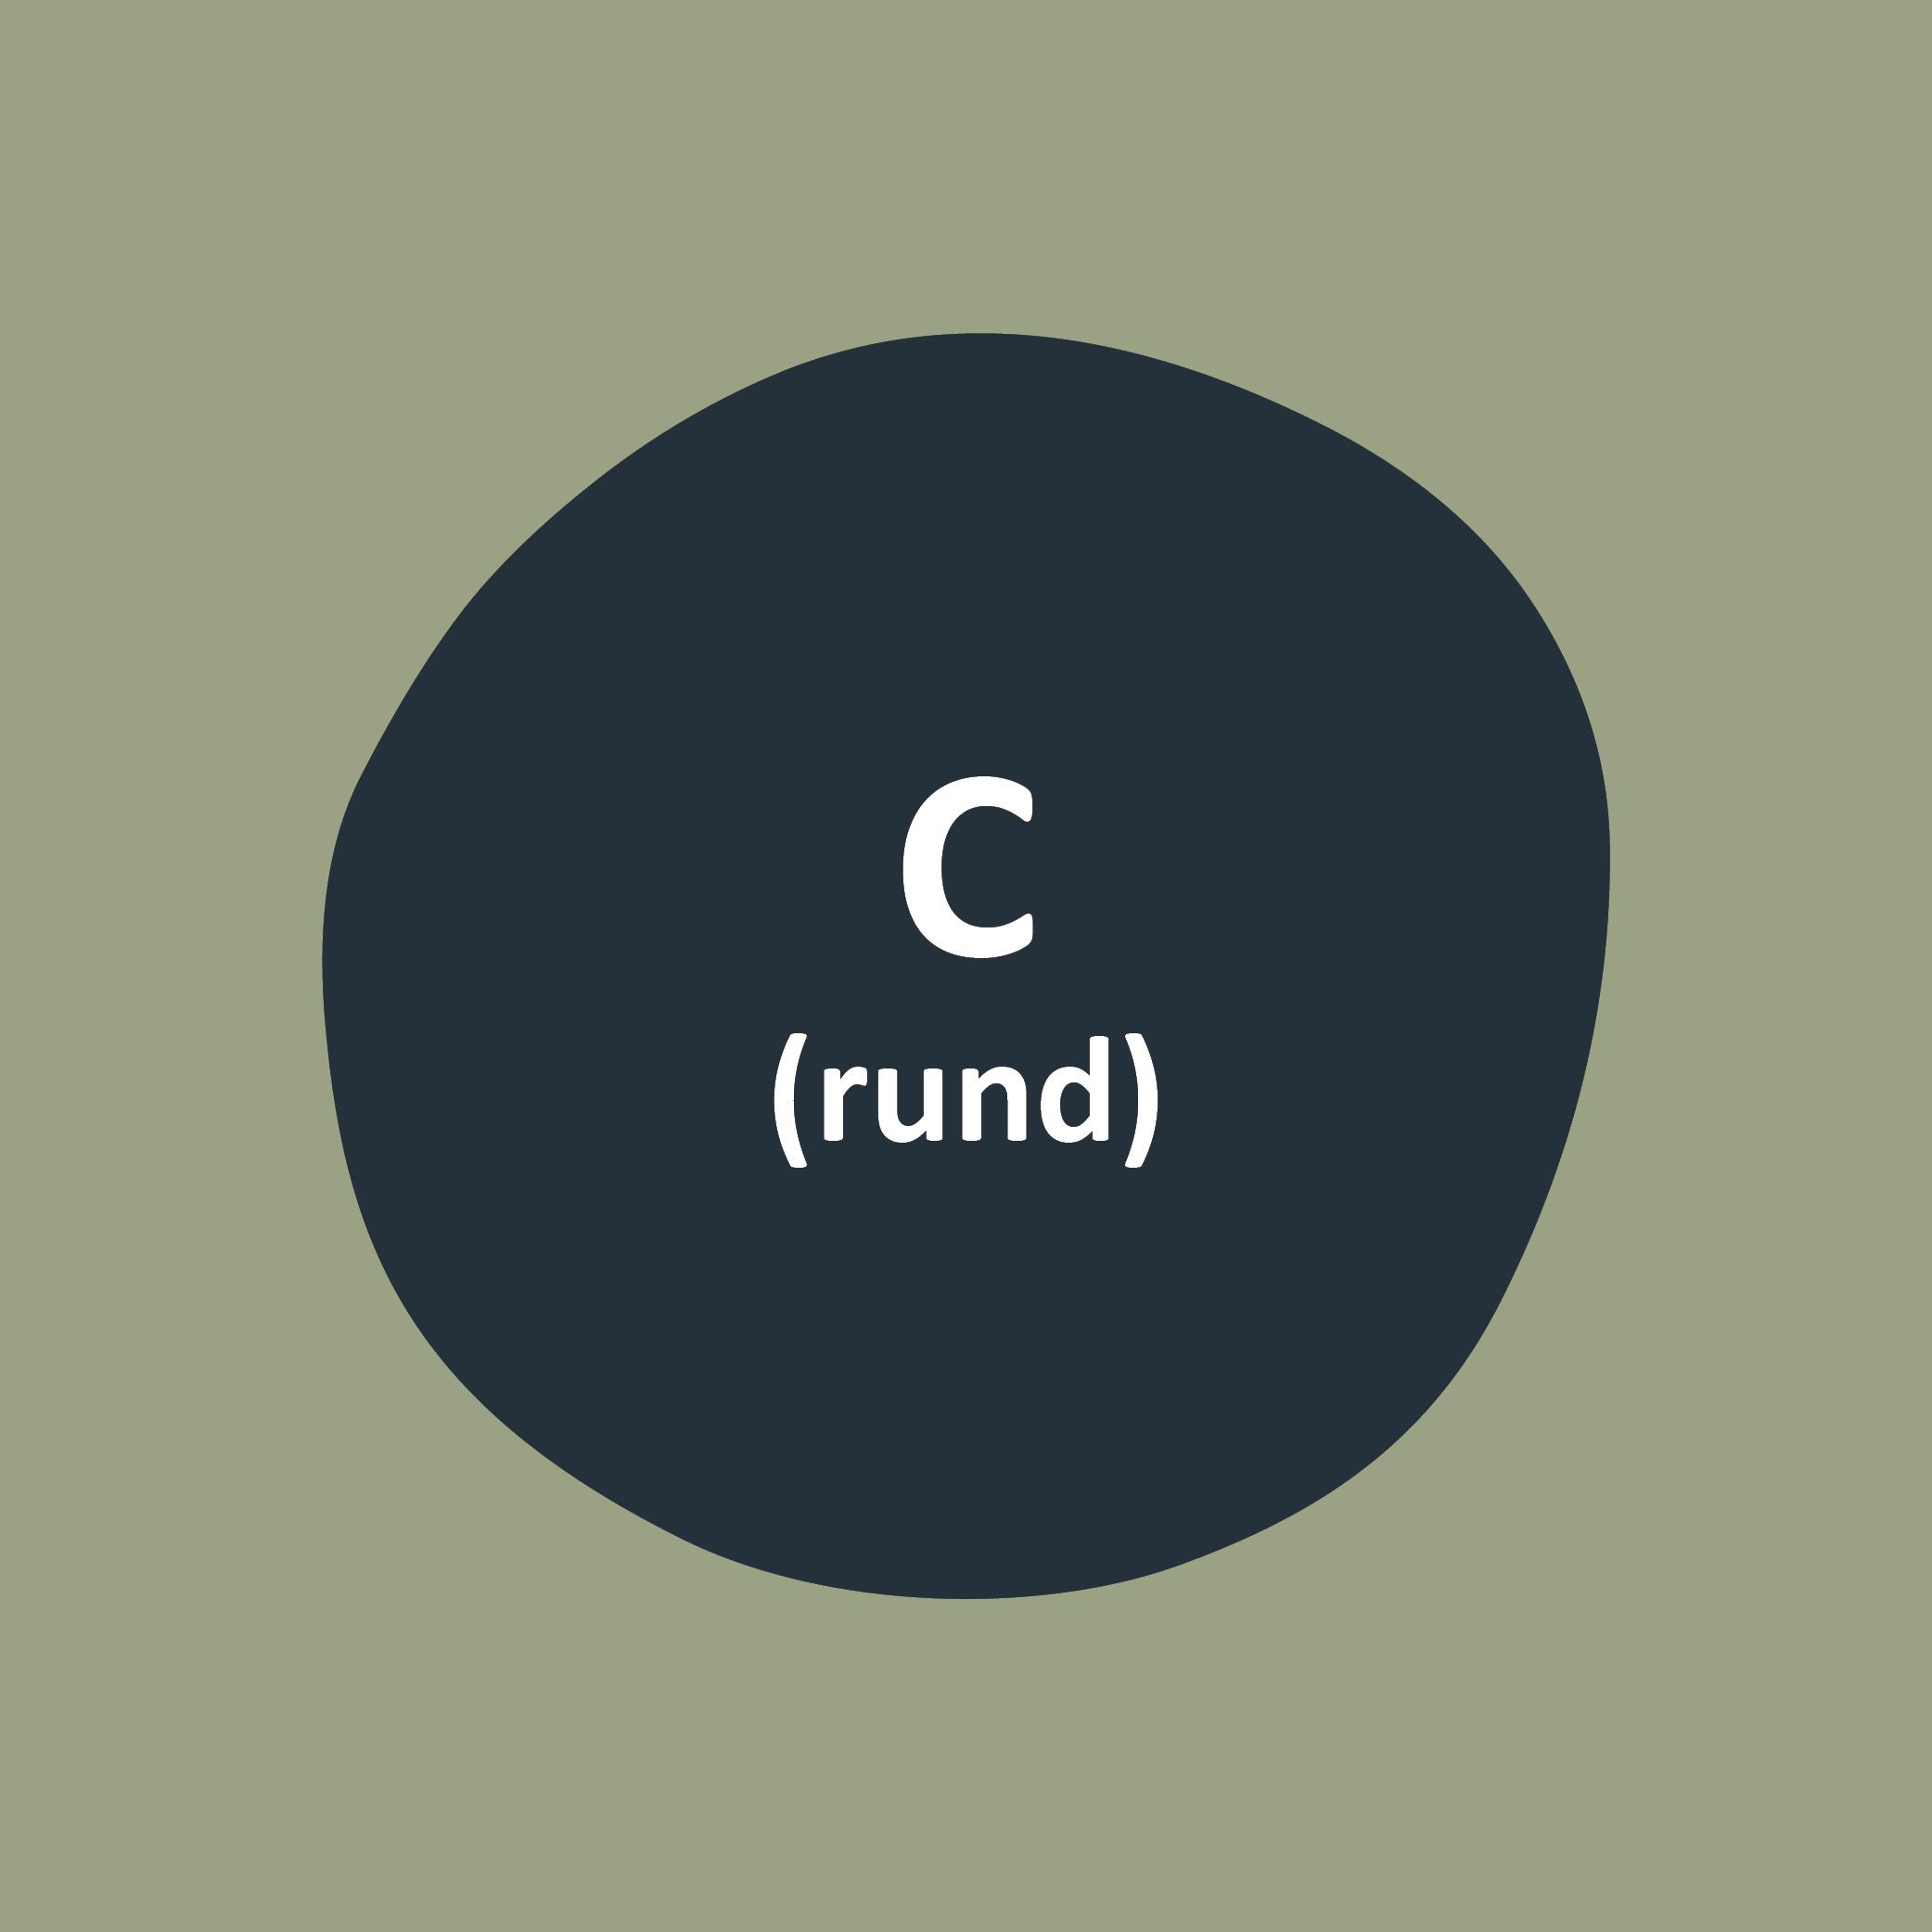 Form_rund.jpg